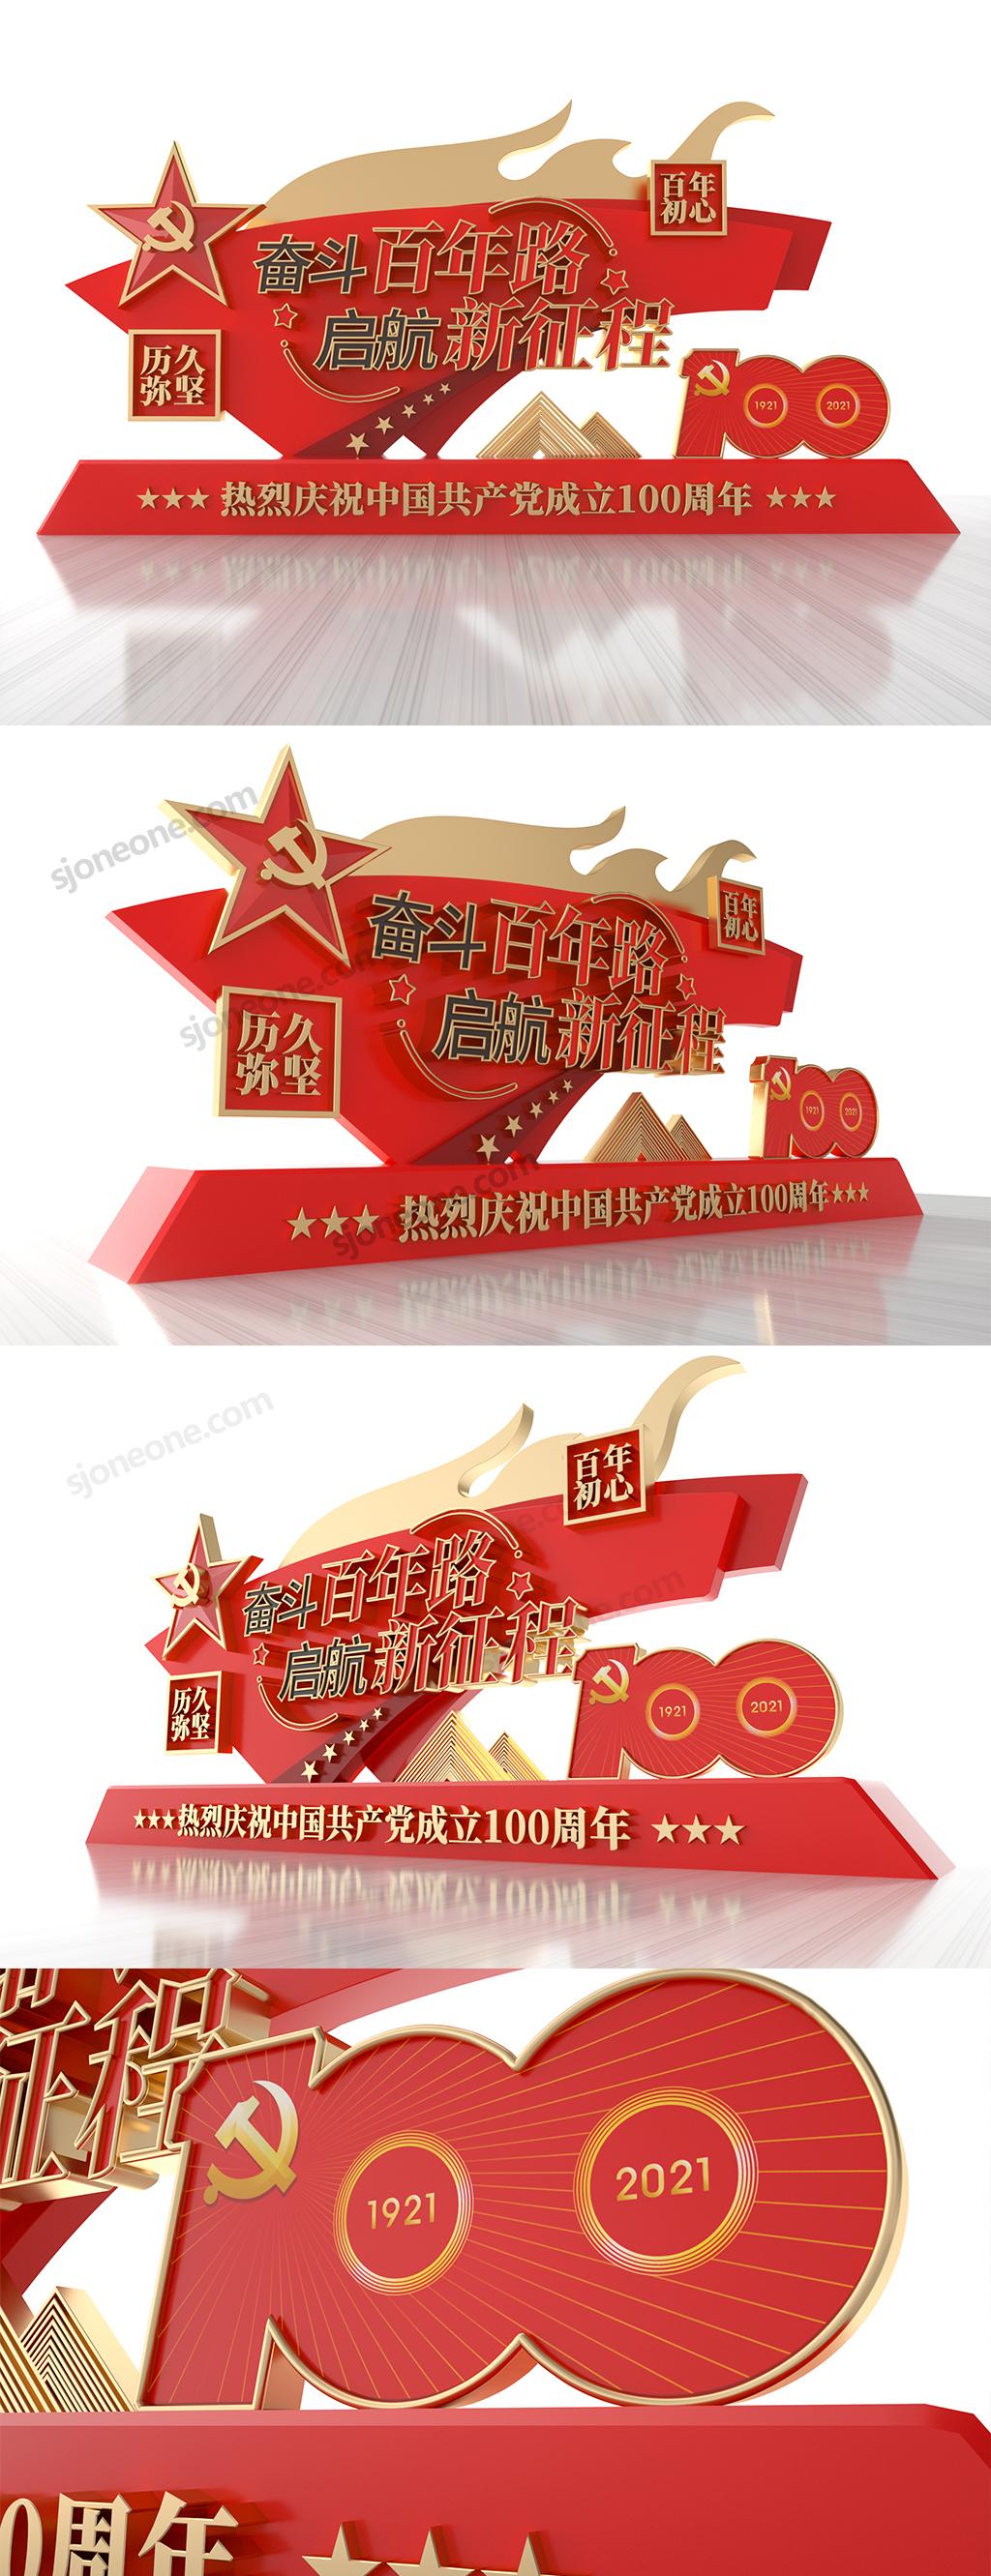 党建100周年百周年徽章户外拍照框C4D模型cinema 4D(含CDR矢量文件)